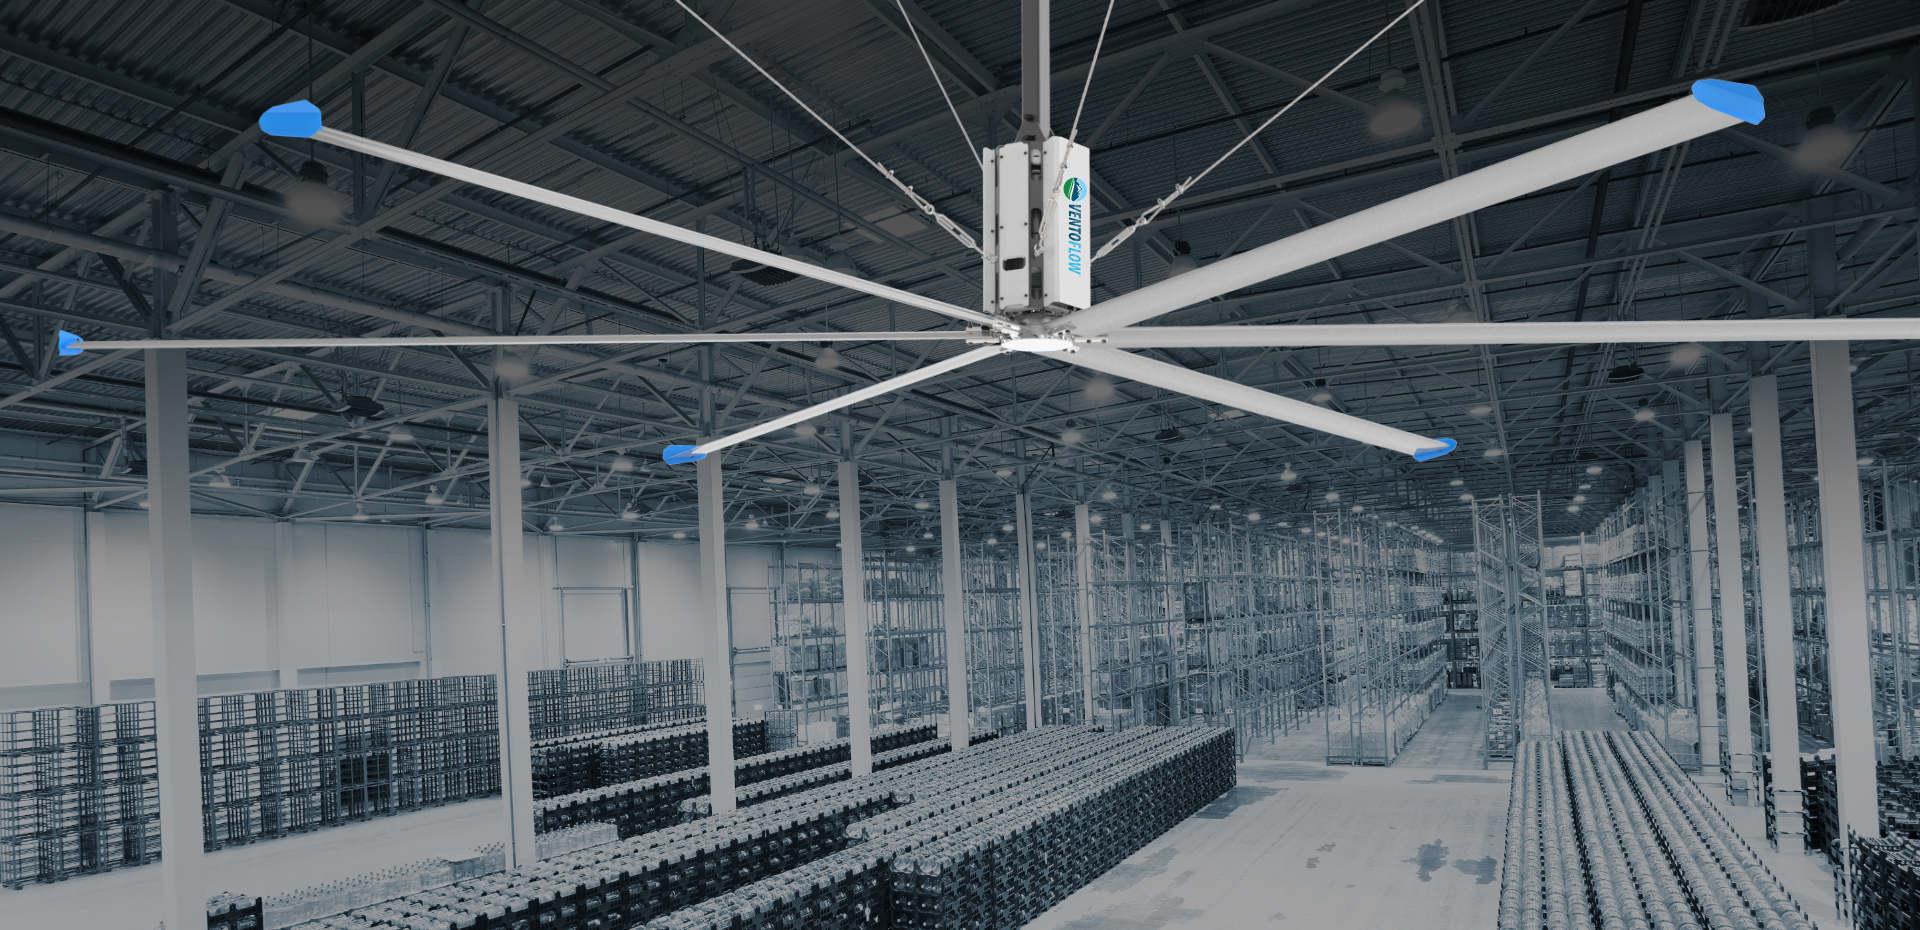 Industrial HVLS Ventilation